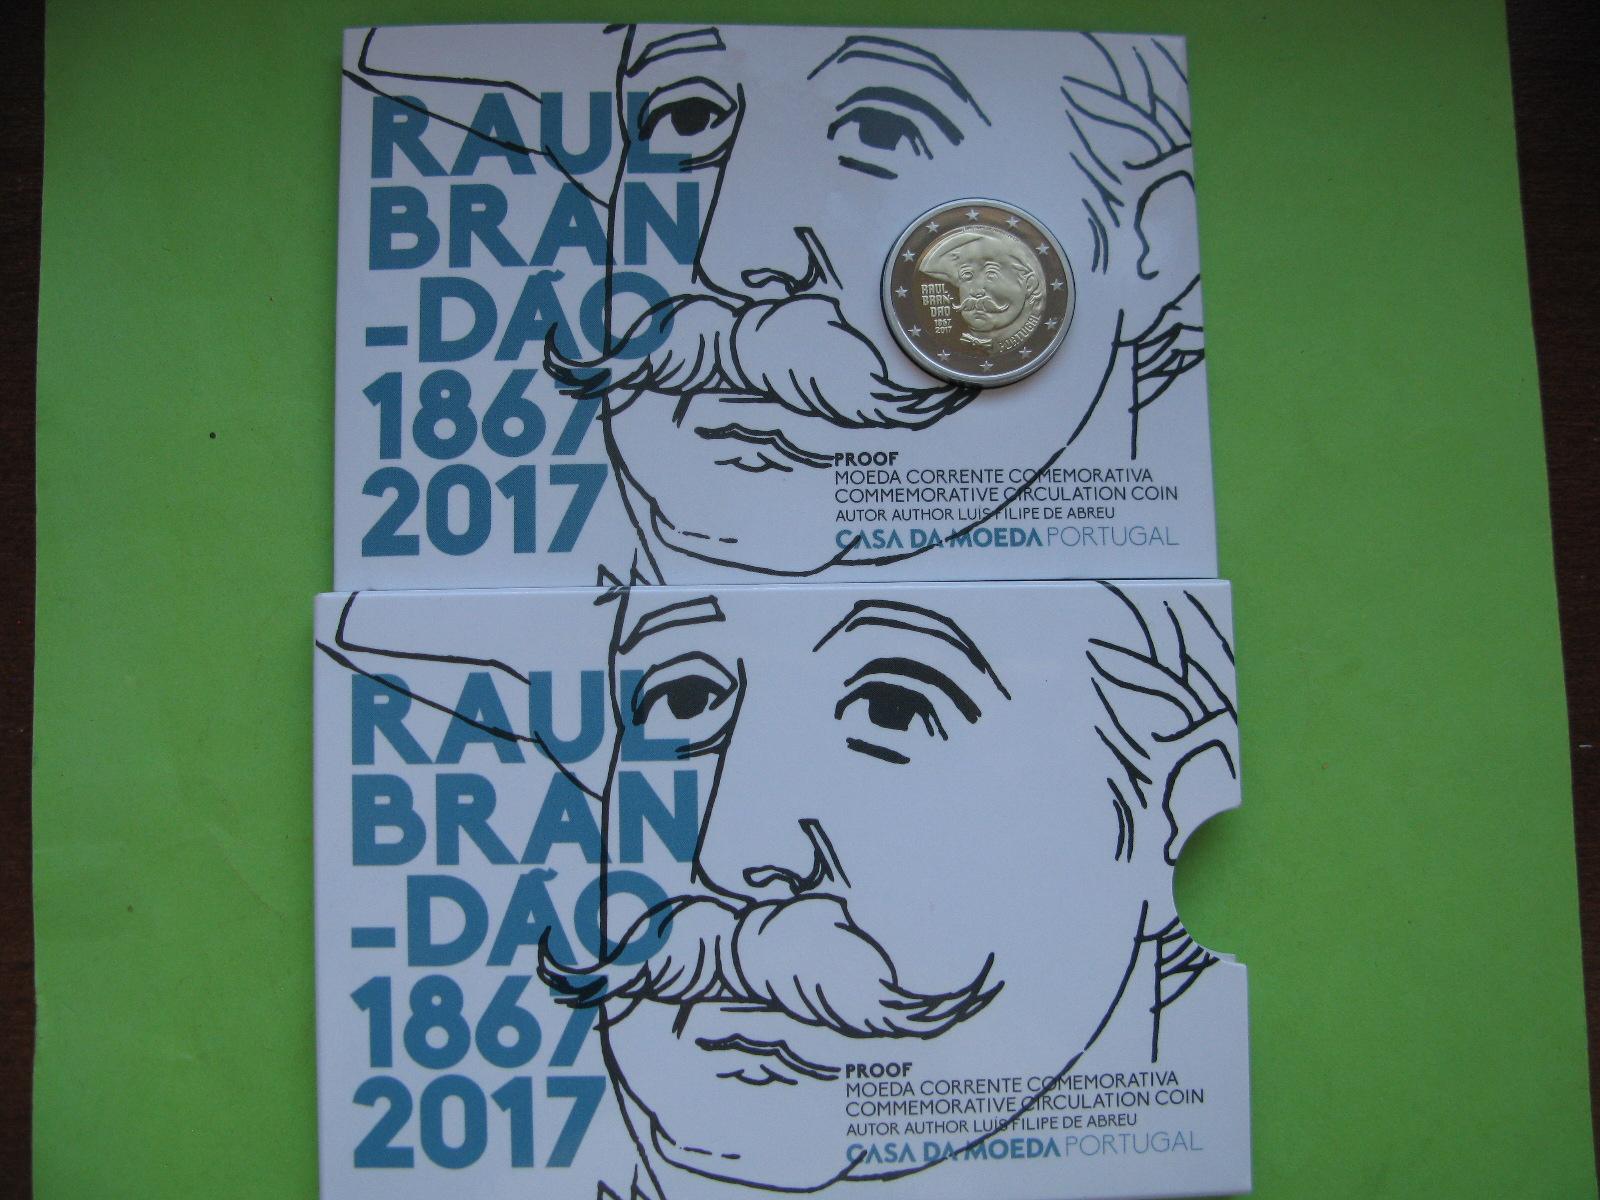 Португалия 2 евро 2017 г. 150 лет со дня рождения писателя Раула Брандана (пруф)